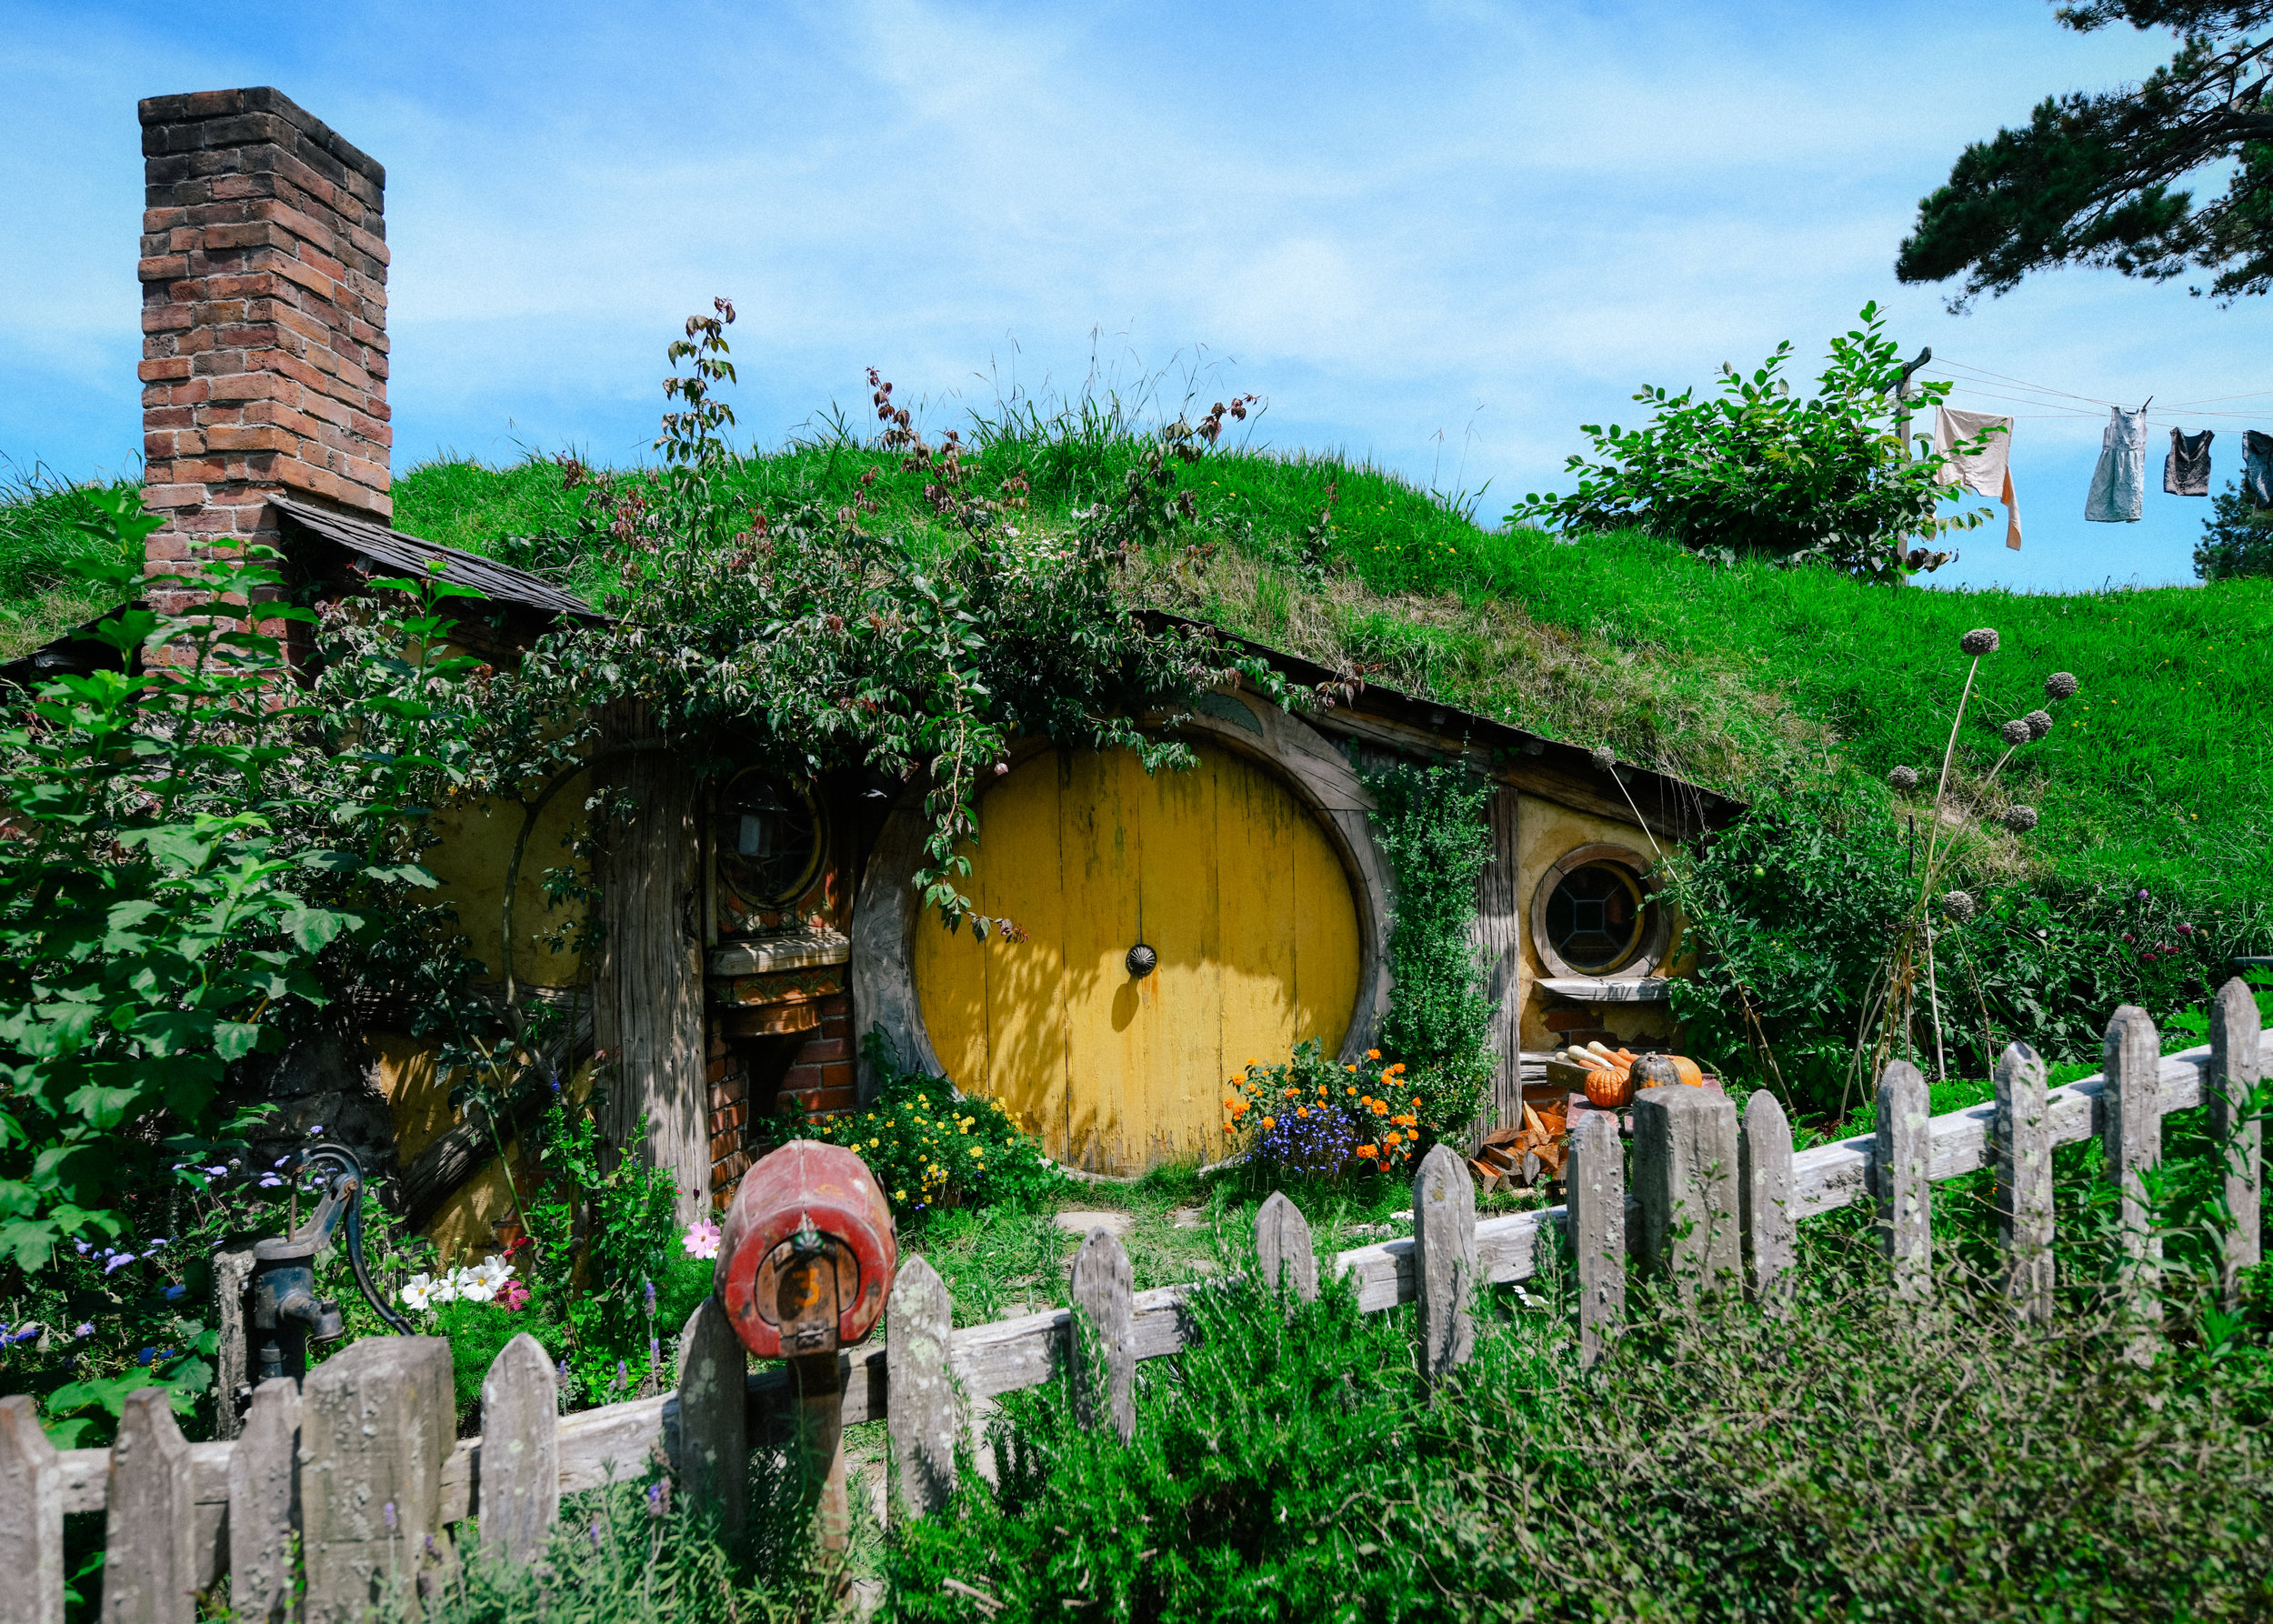 Sam's door in Hobbiton